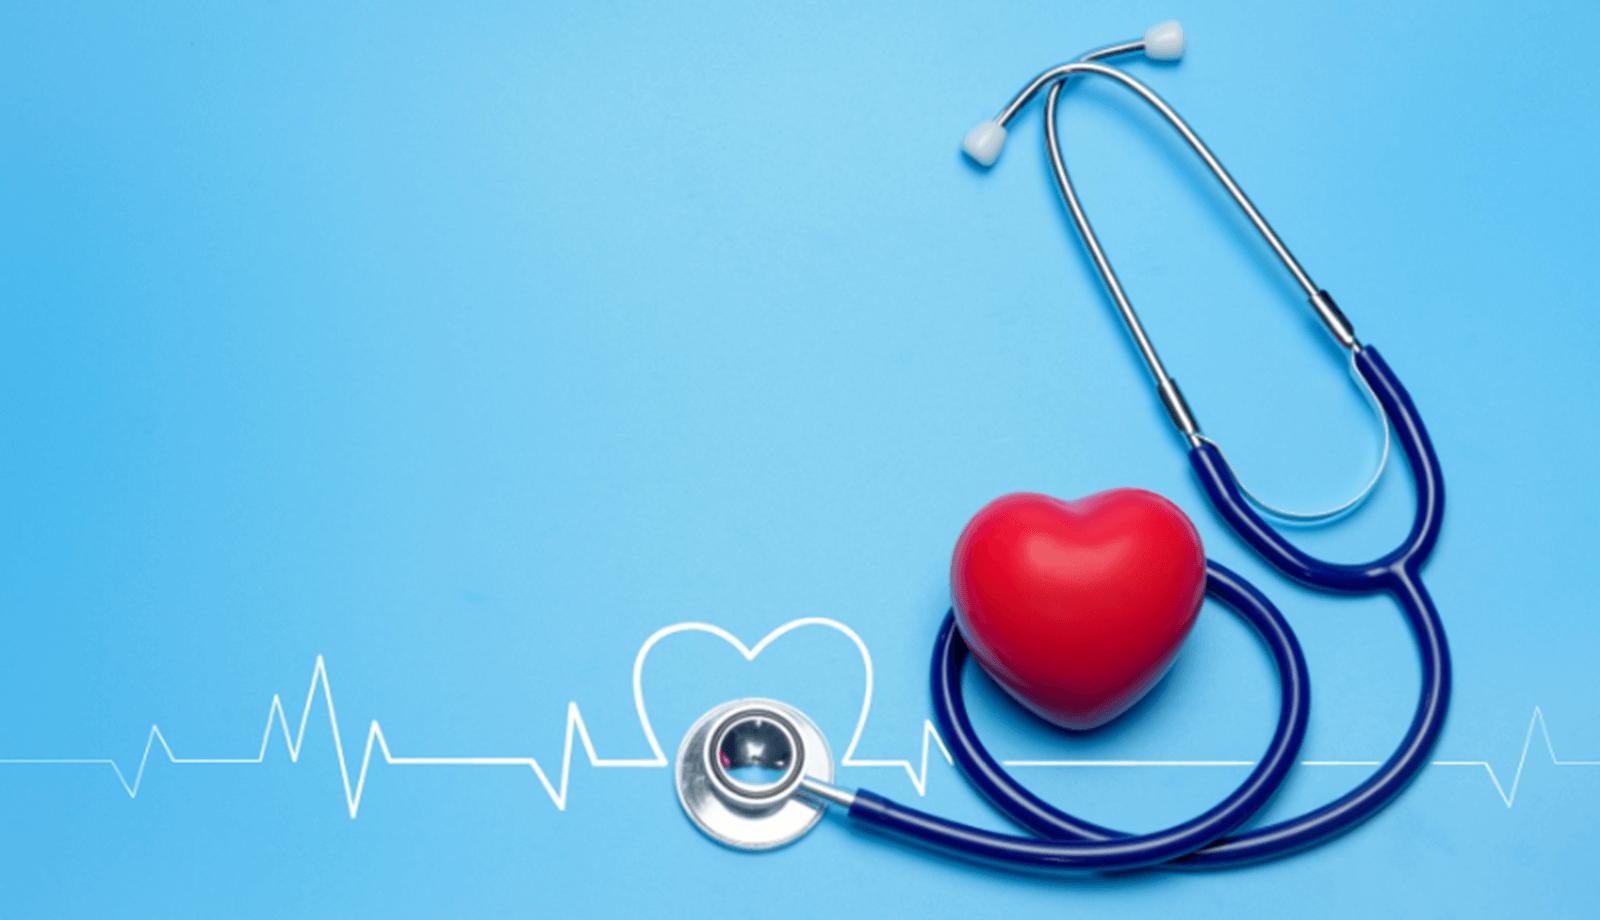 az EKG hipertóniát mutat-e anyagcserezavarok magas vérnyomásban